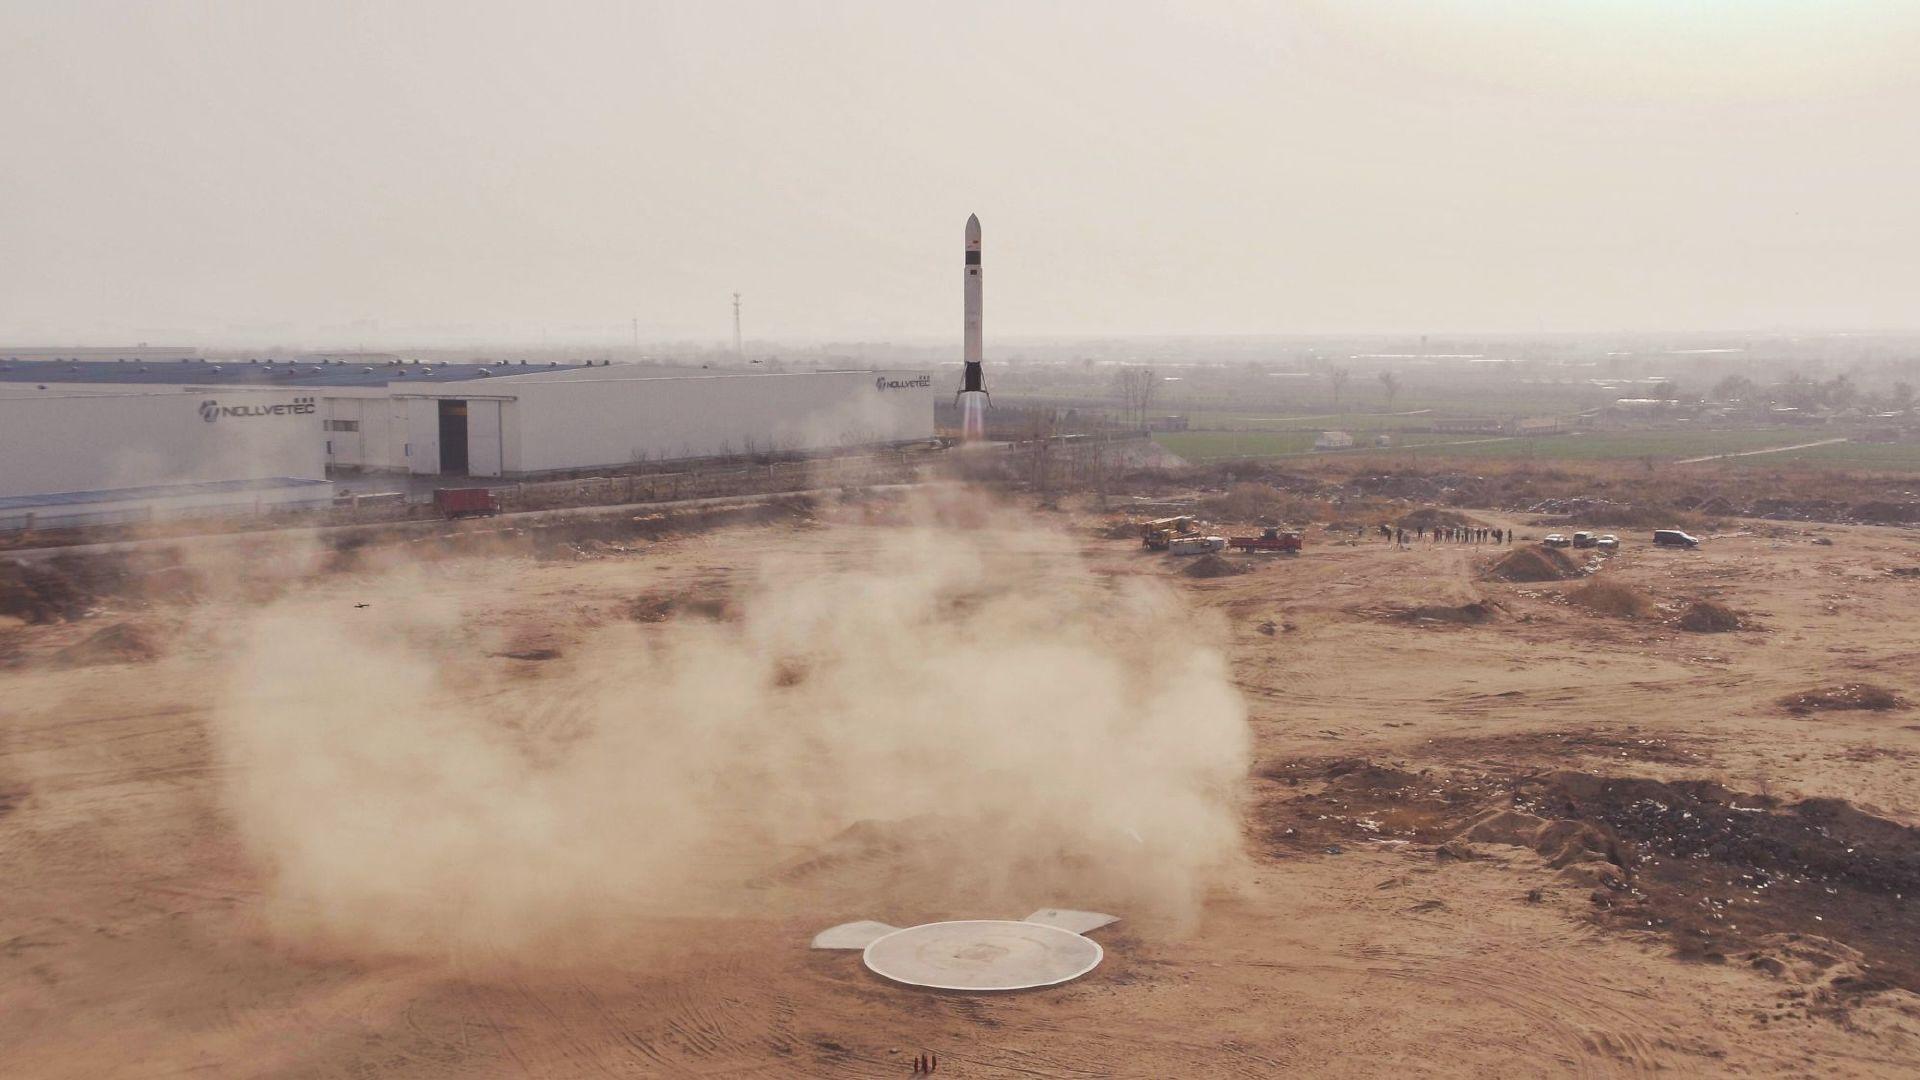 翎客航天成功进行火箭的无系绳发射、悬停、与着陆测试